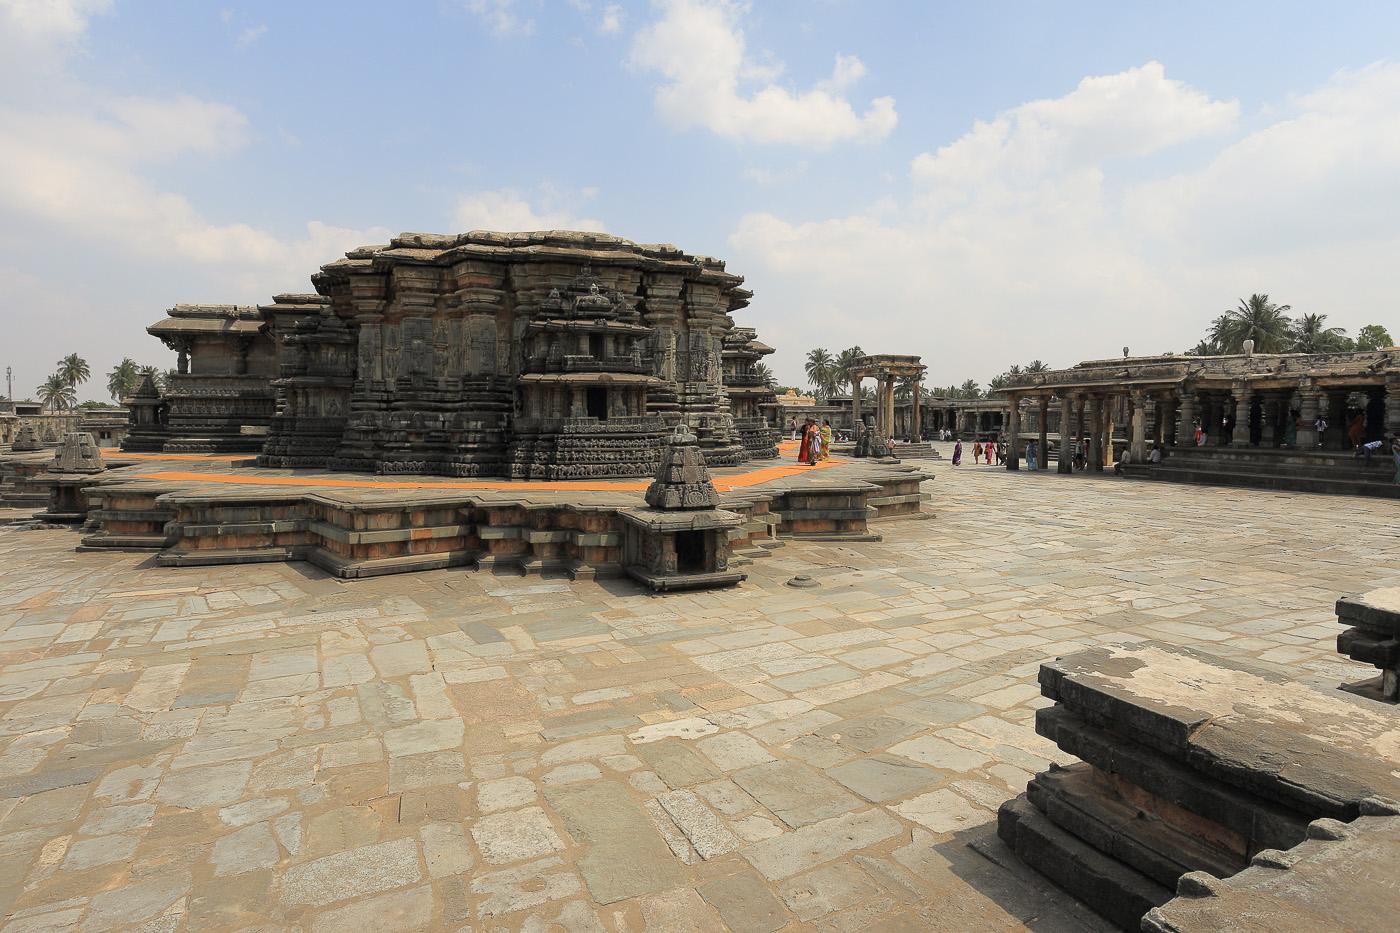 Фотография №15. Храм Ченнакесава (Chennakesava Temple) в городе Белур округа Хассан в штате Карнатака. Отзывы об отдыхе в Индии. 1/80, 0 eV, f 10, 17mm, ISO 100.